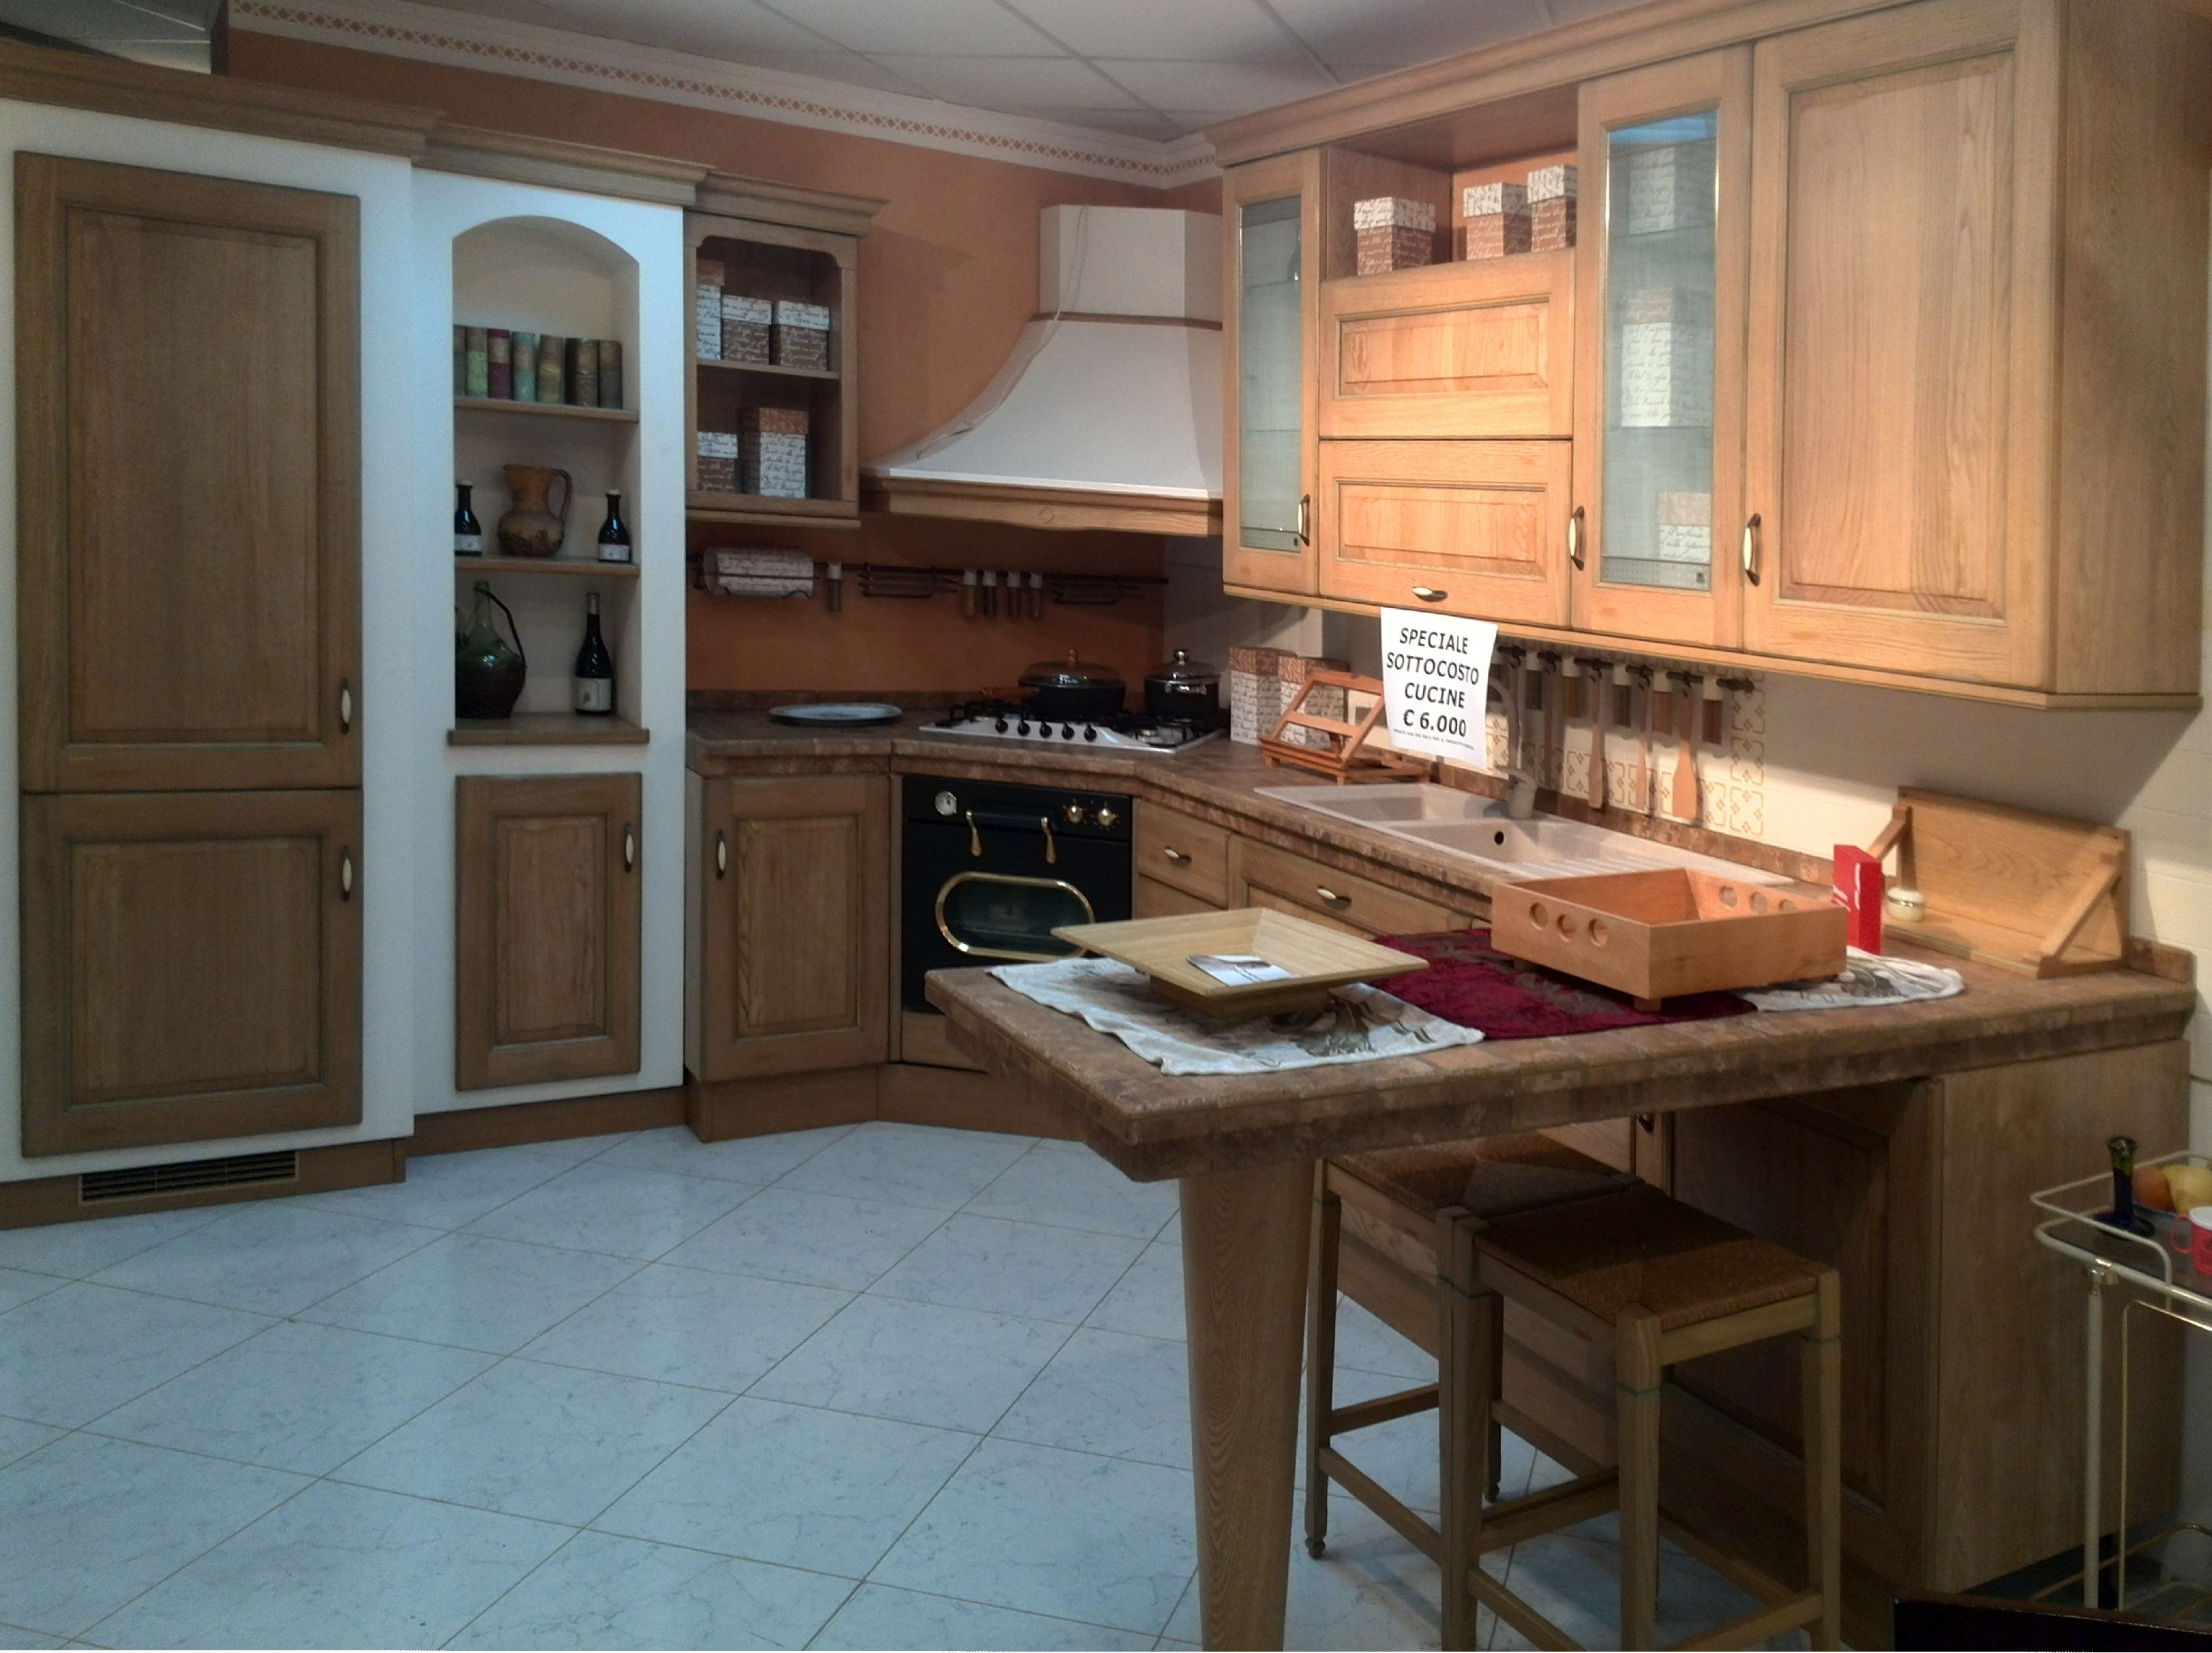 Cucina scavolini belvedere muratura scontato del 67 cucine a prezzi scontati - Costo cucine scavolini ...